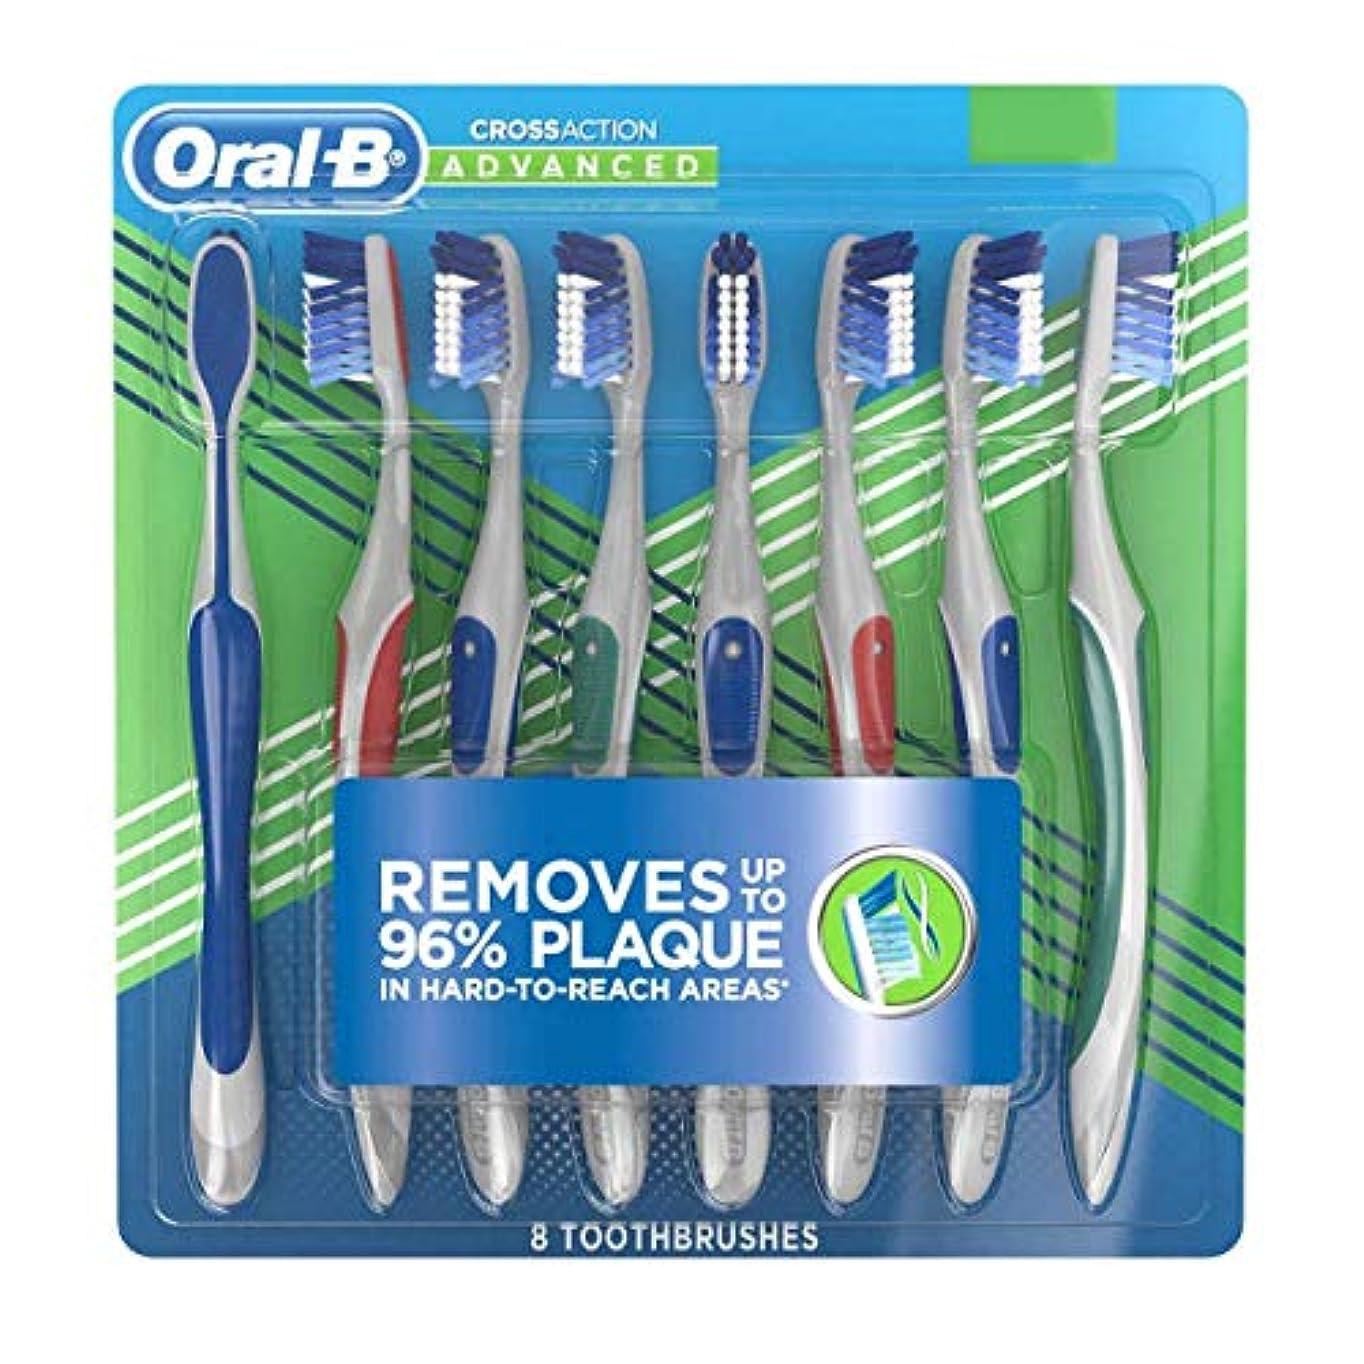 クール請求社会主義Oral-B Pro-Health Cross Action Advanced Toothbrush 8-pack SOFT オーラルB プロヘルス クロスアクション アドバンスド 歯ブラシ8本セット(ソフトタイプ)